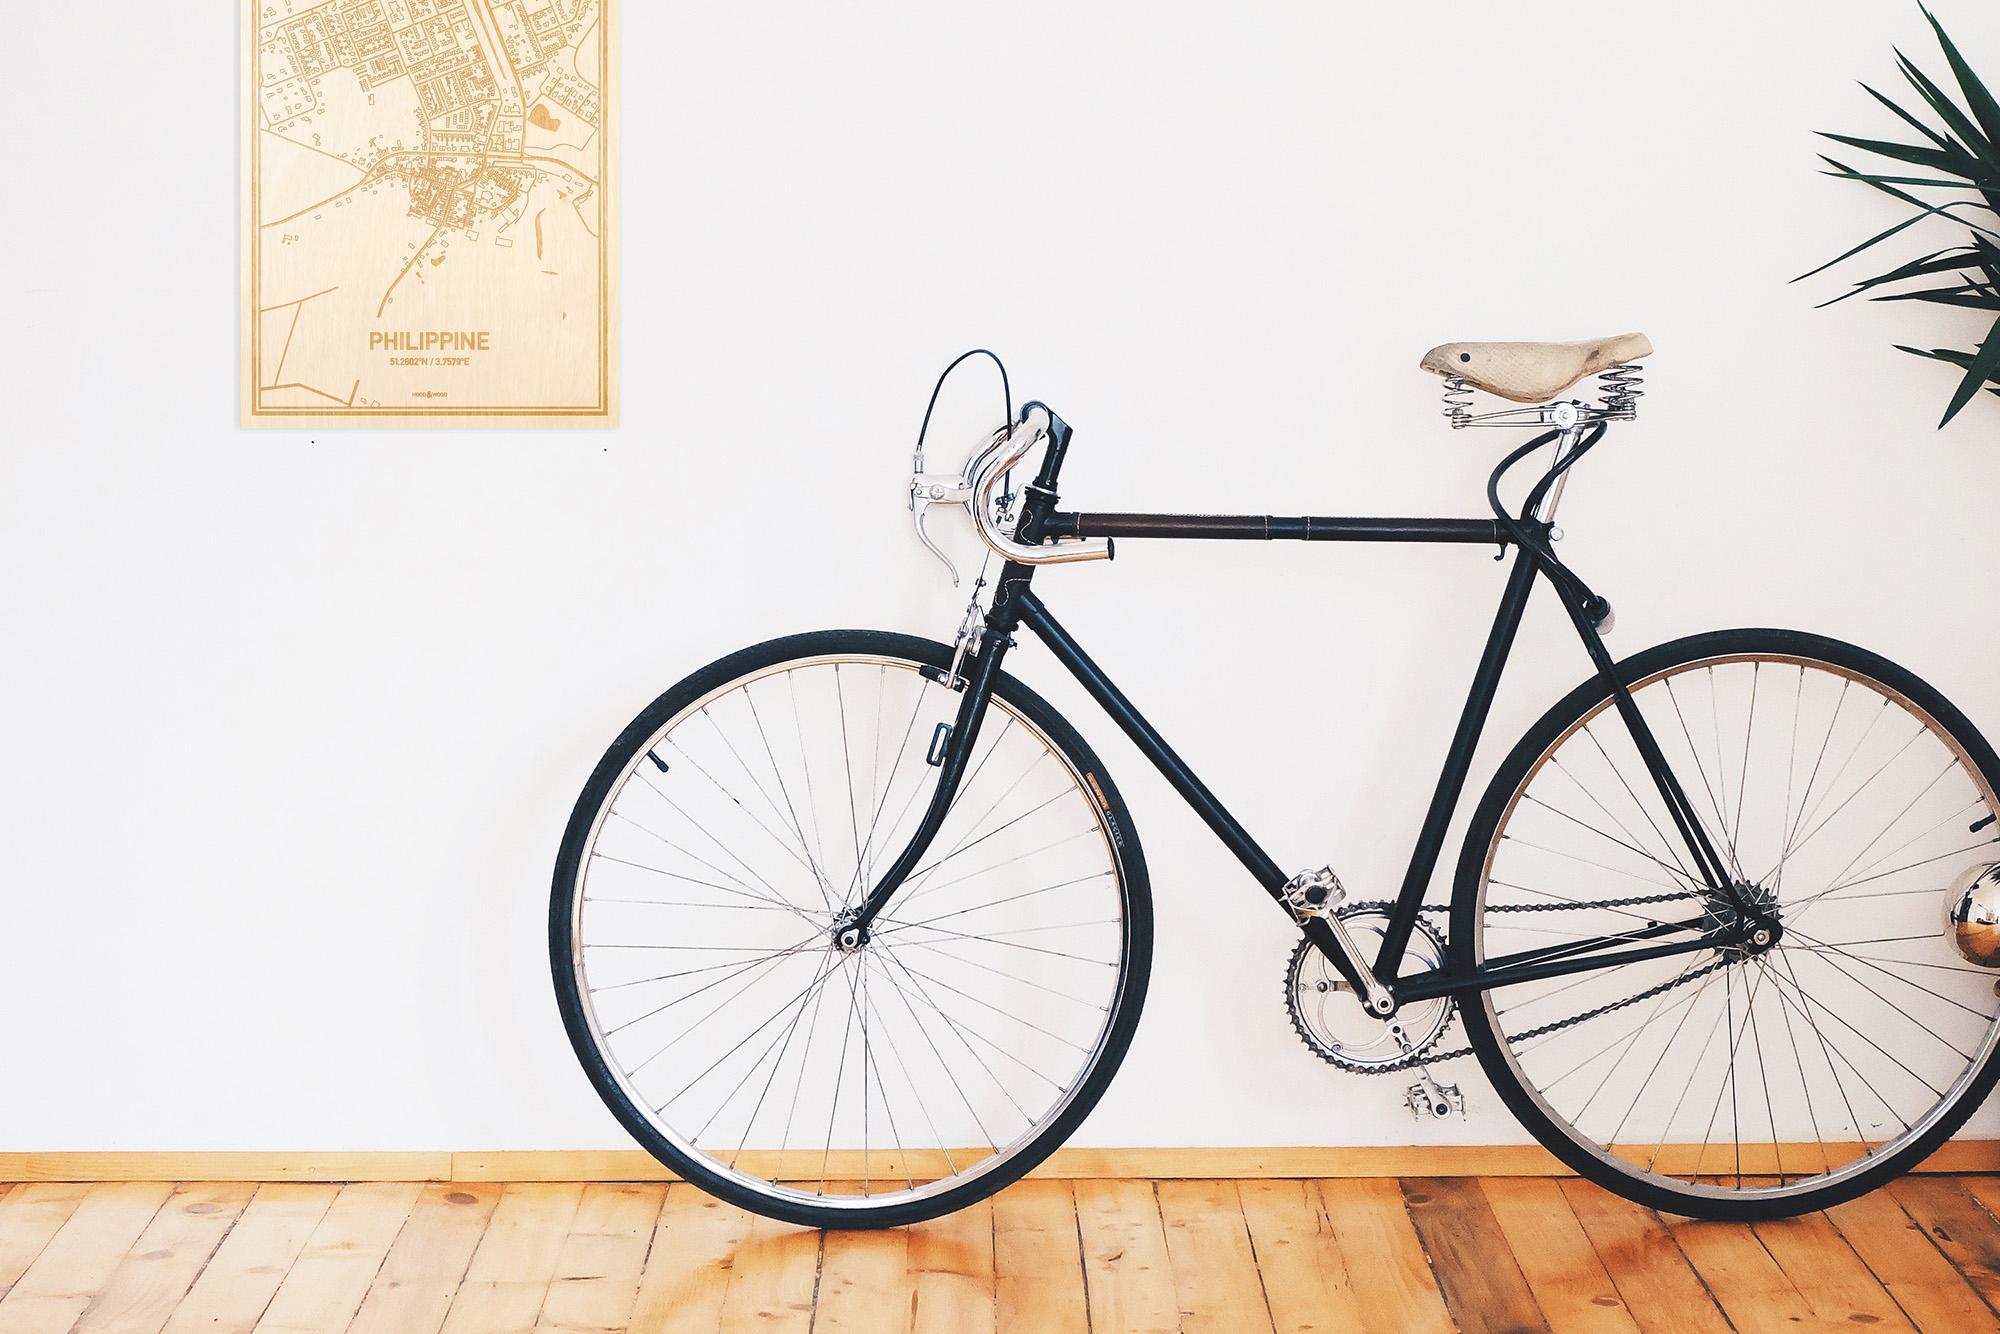 Een snelle fiets in een uniek interieur in Zeeland met mooie decoratie zoals de plattegrond Philippine.